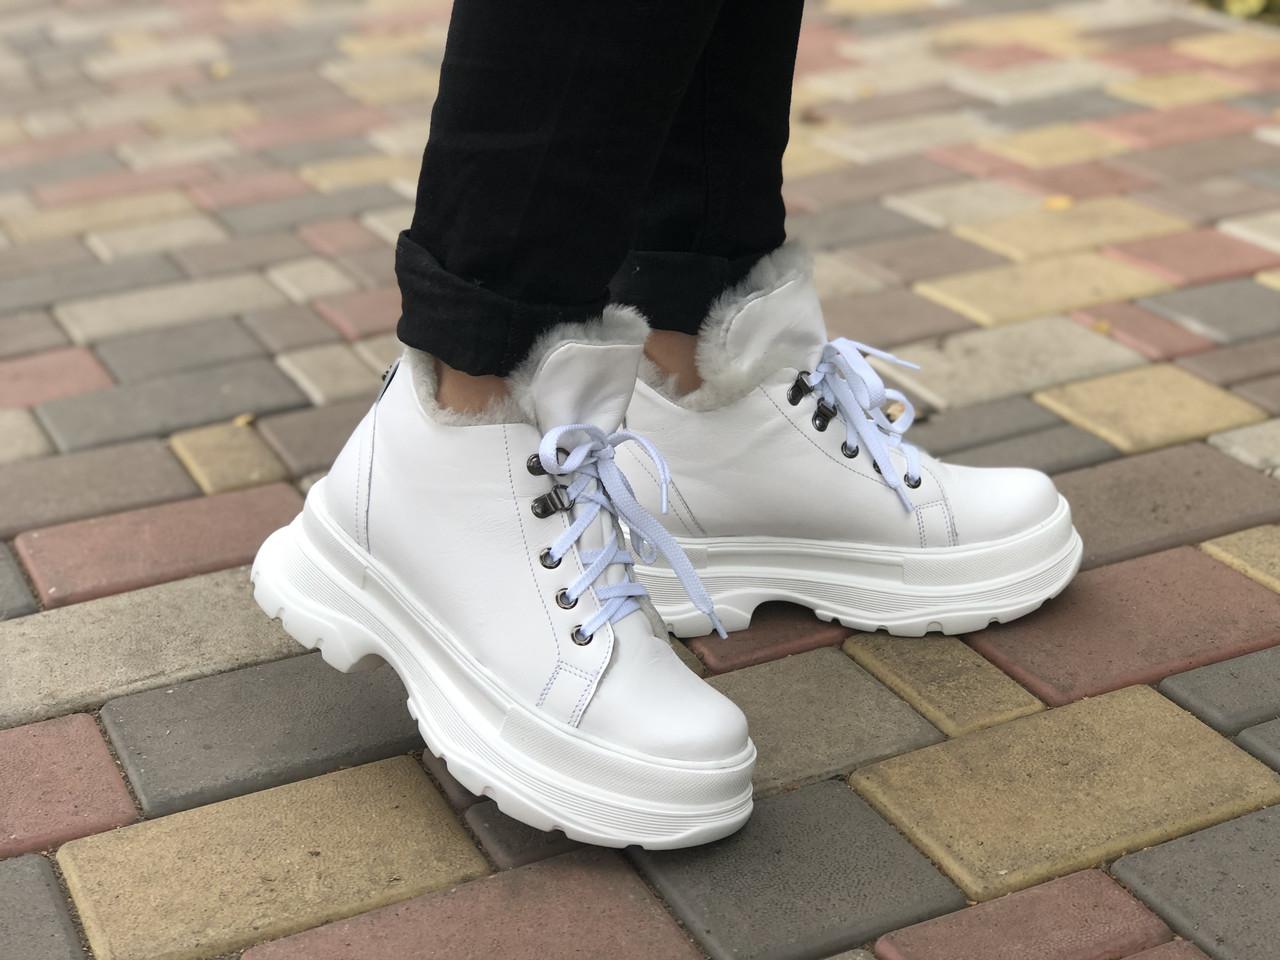 Женские кожаные ботинки Марини 2346 бел размеры 36,37,38,39,40,41